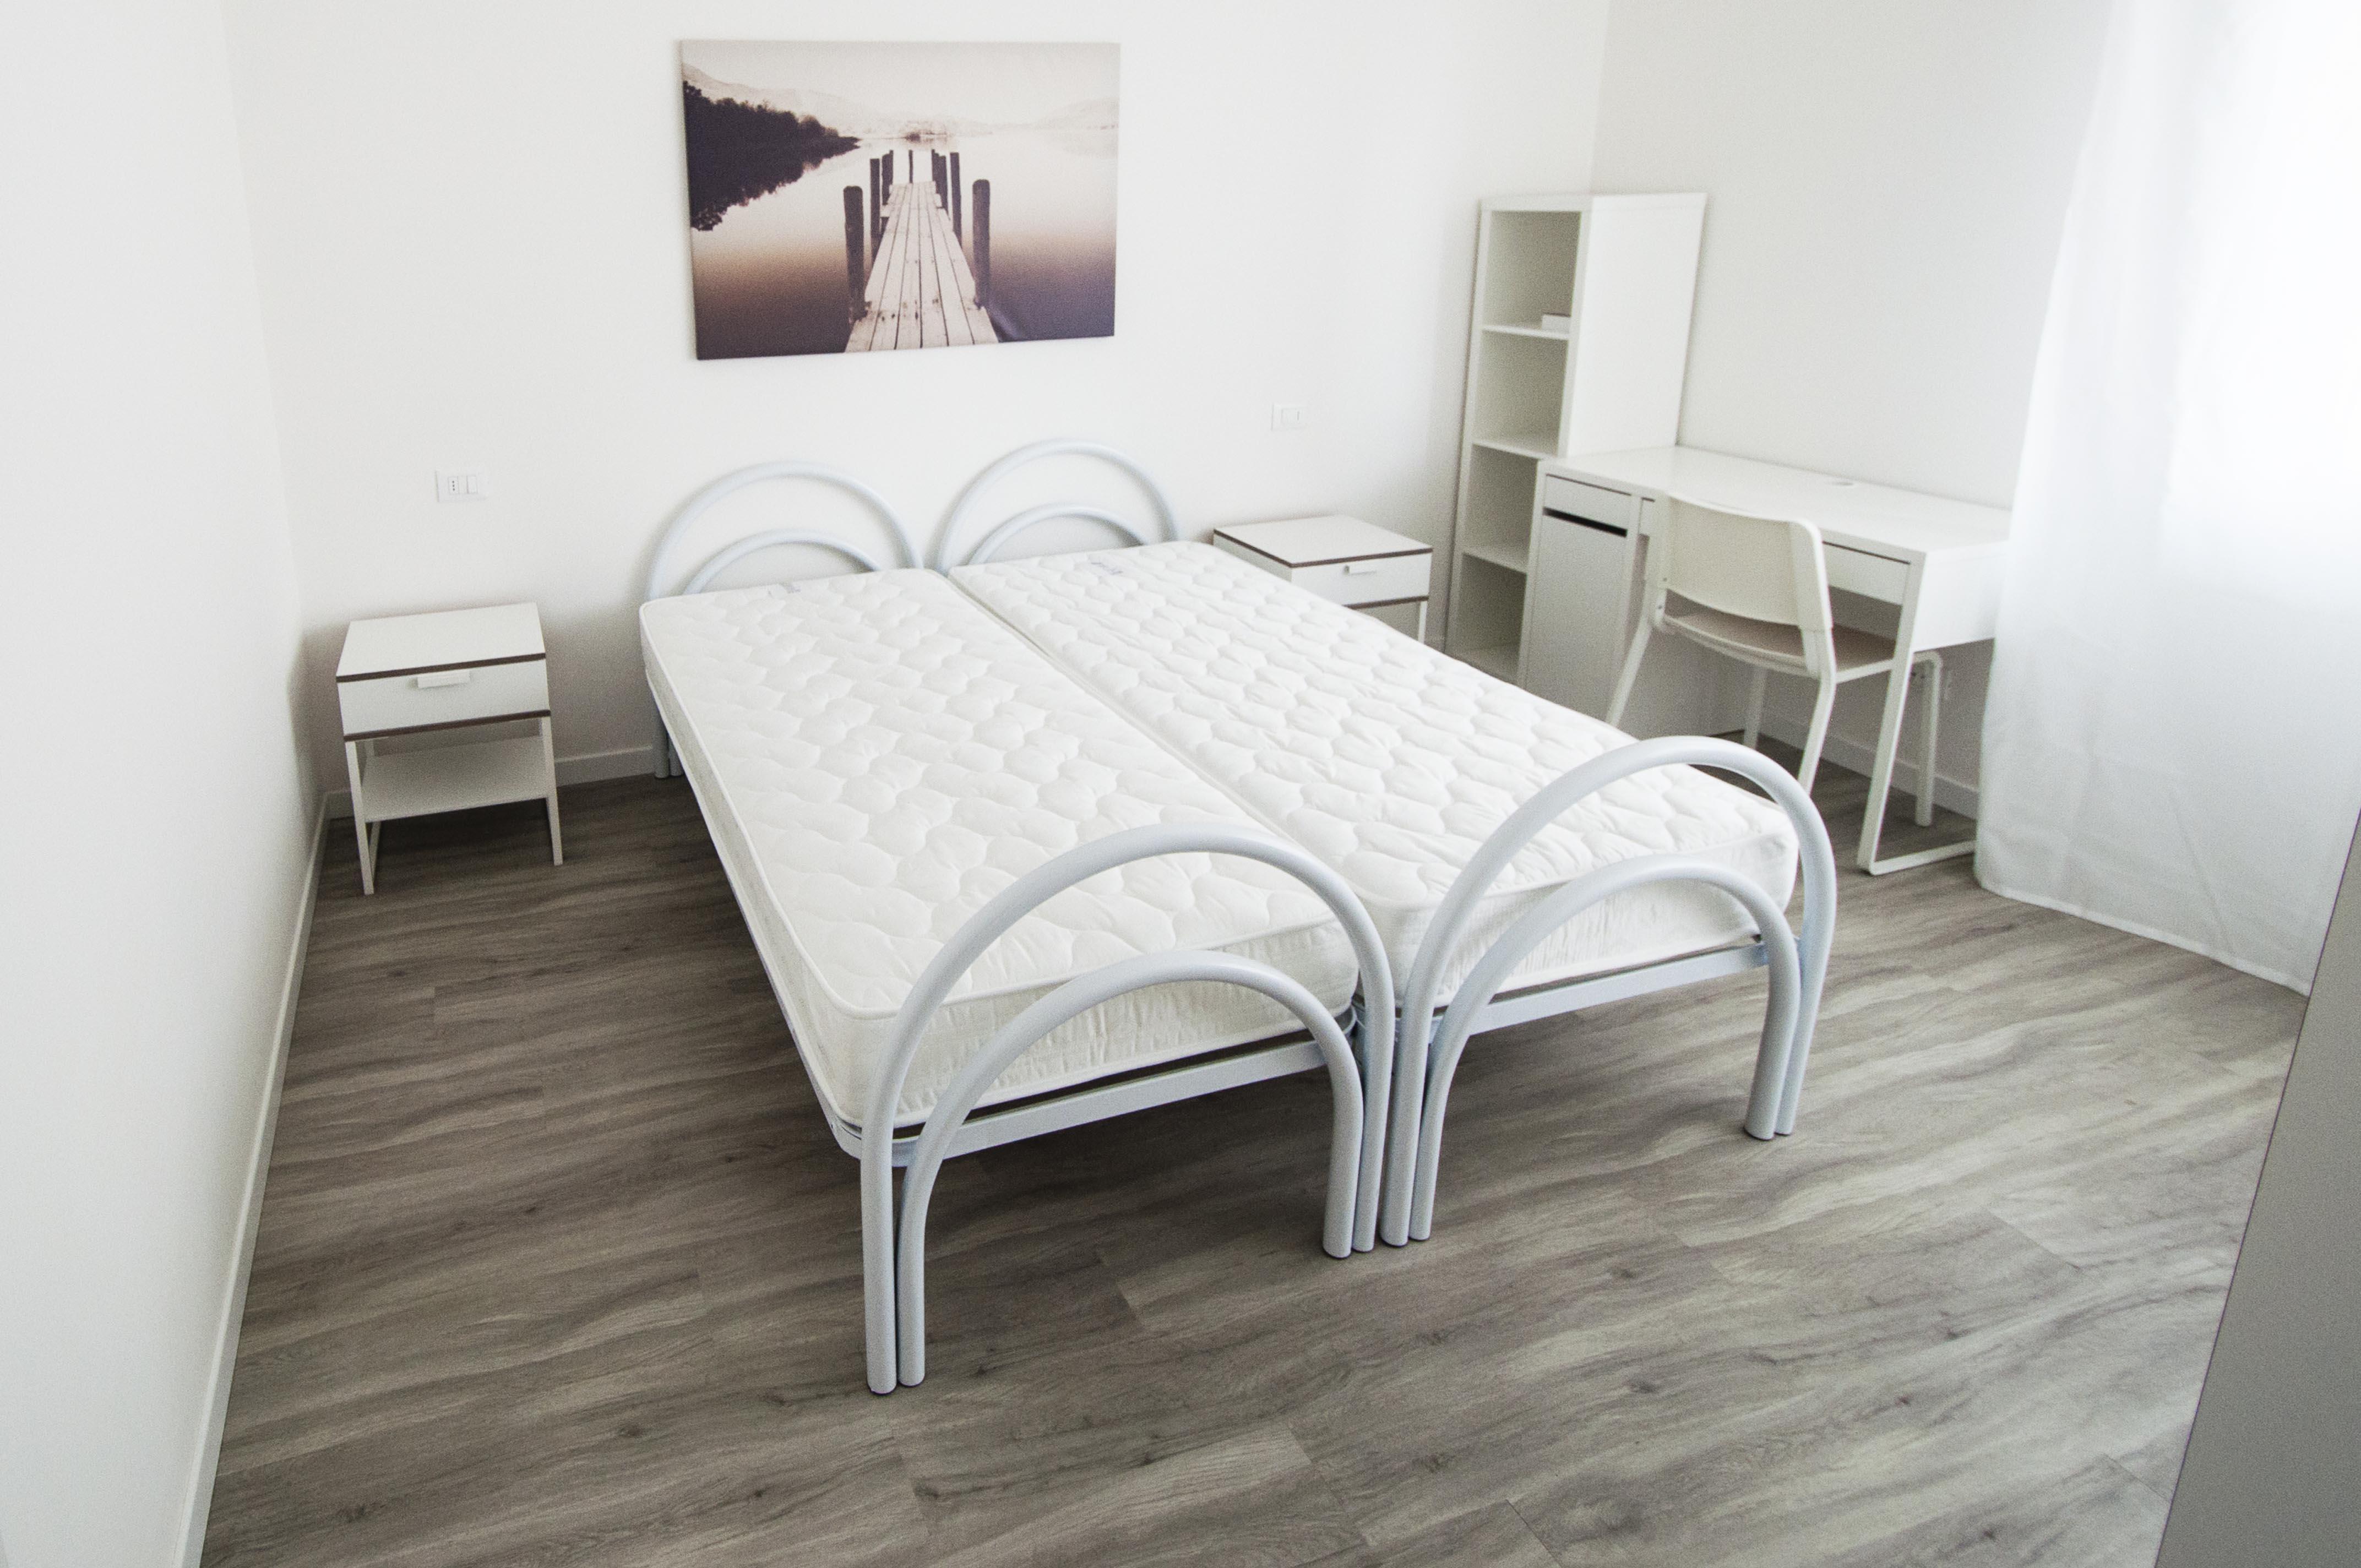 Camere in Affitto Treviso - Studio Architettura Zanatta 12